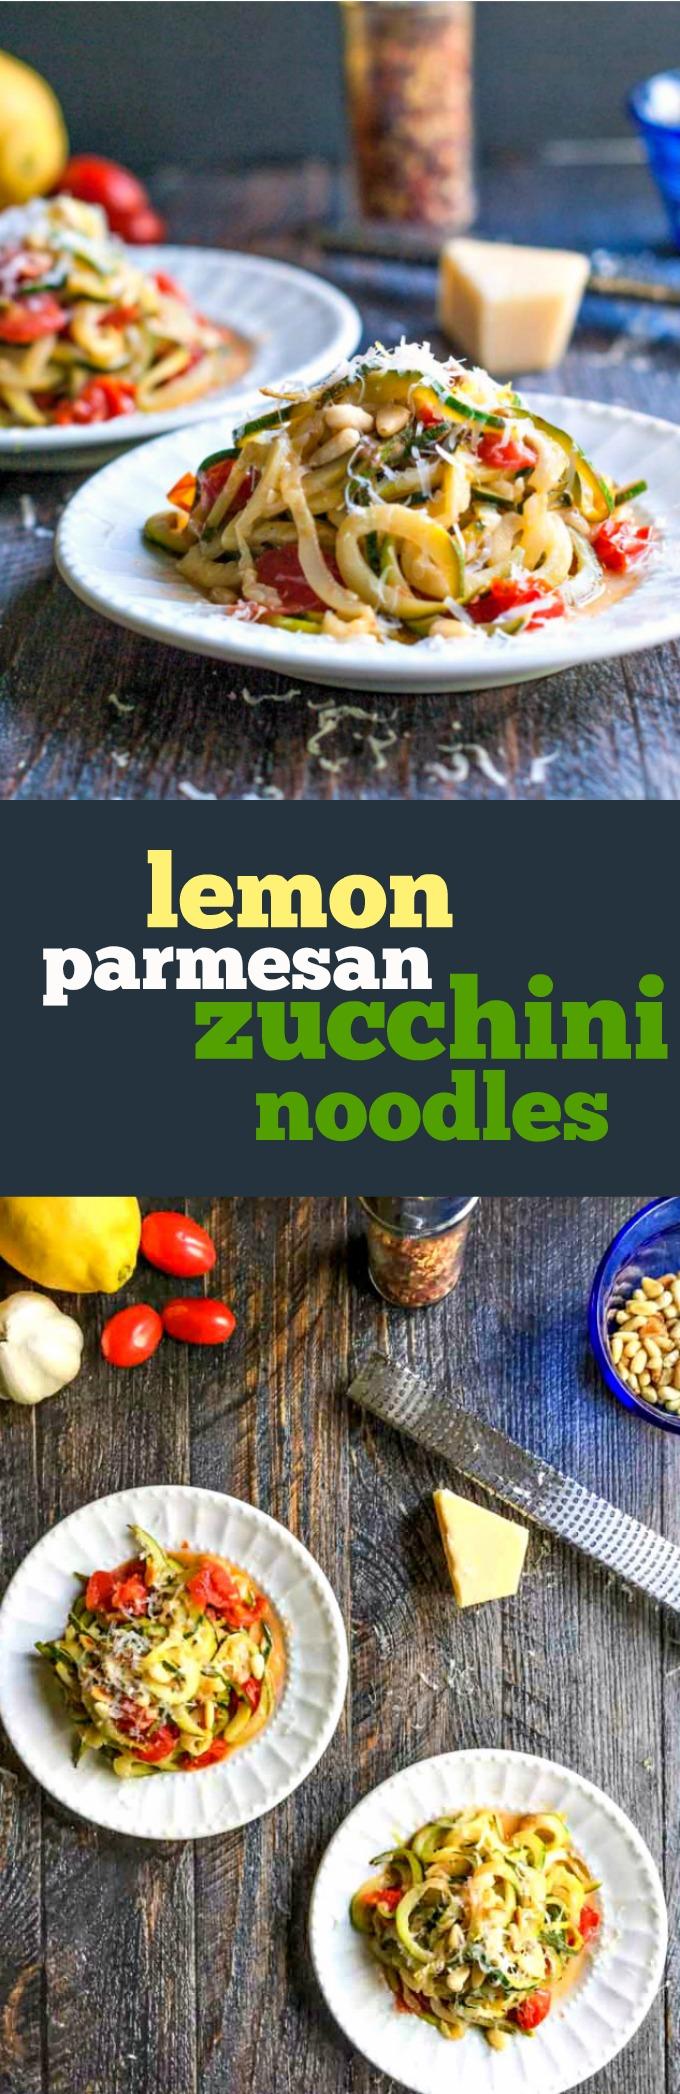 Lemon-parmesan-zucchini-noodles-pin